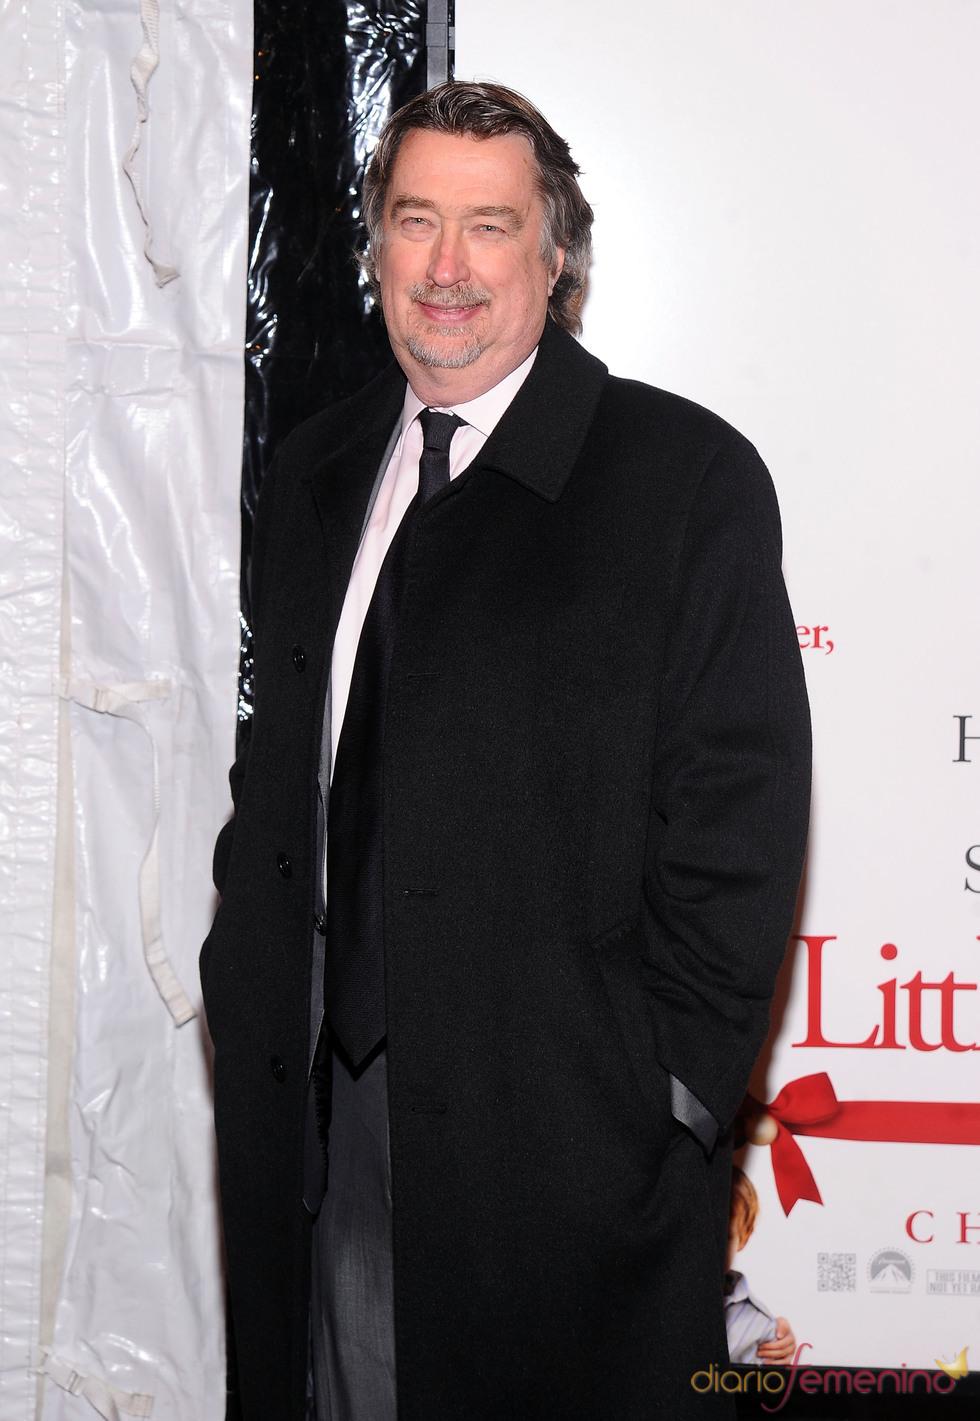 Geoffrey Gilmore en la premier de 'Litte Fockers'